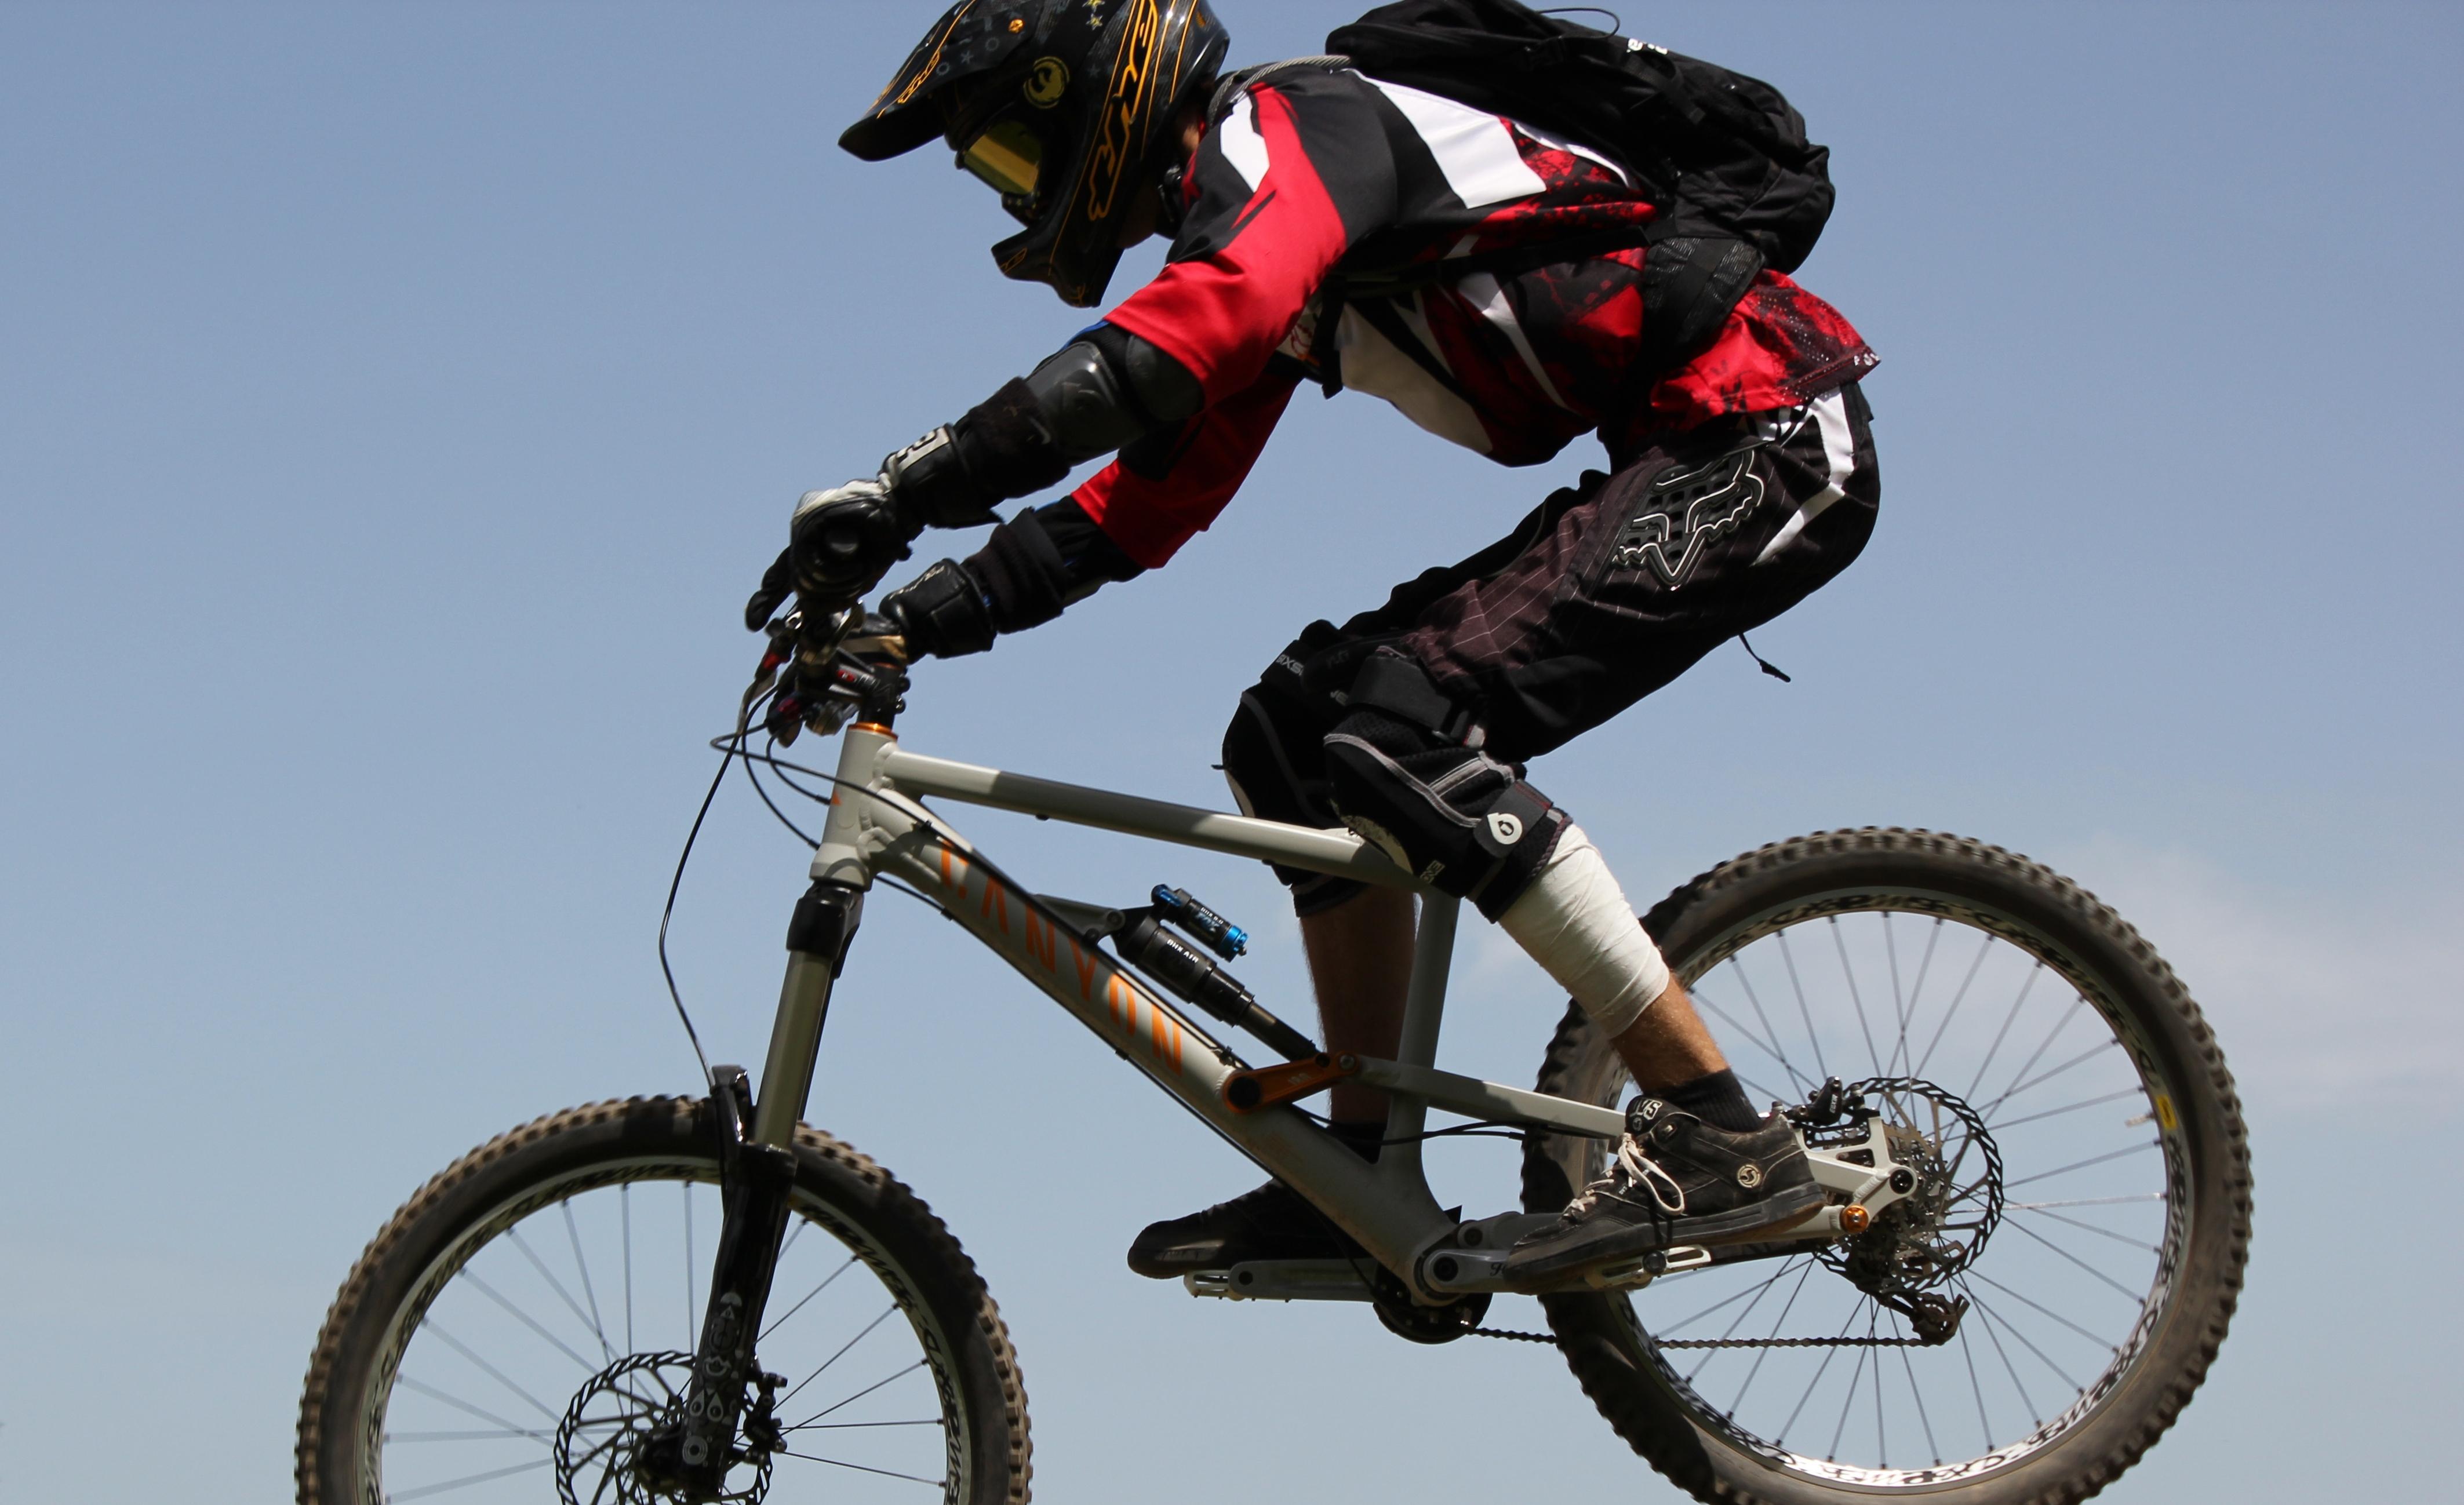 ree rider